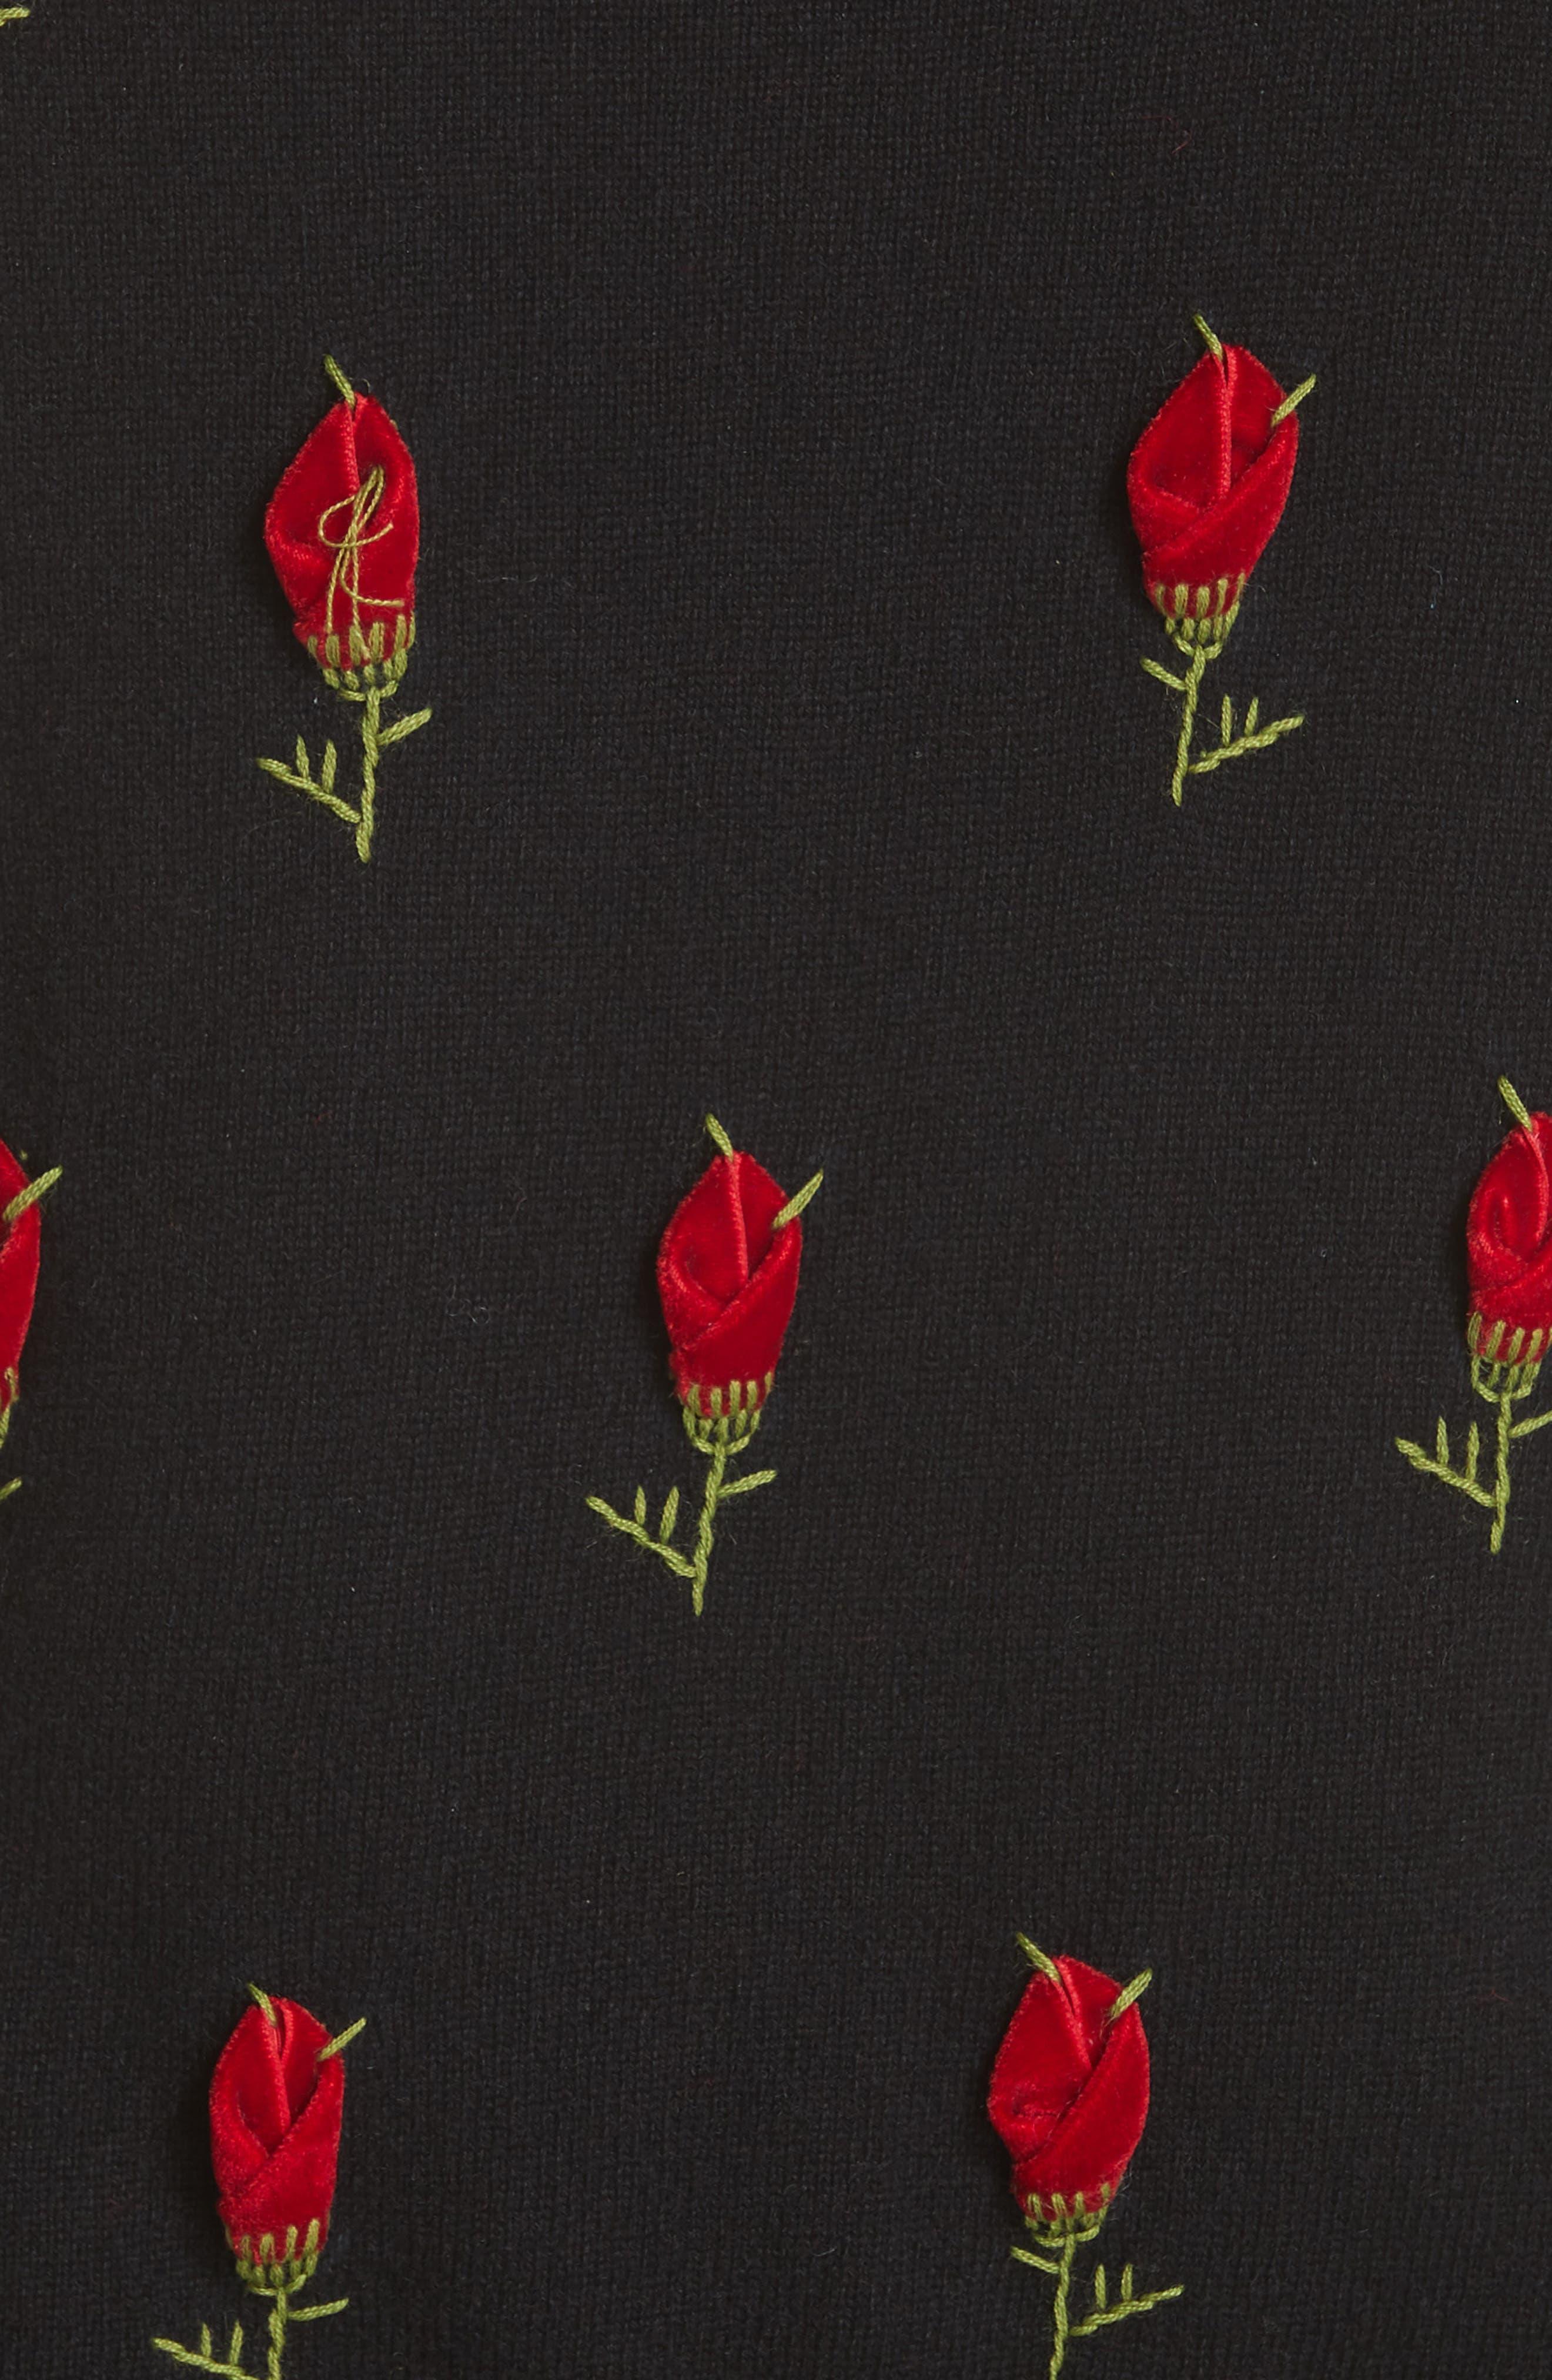 Velvet Rose Embroidered Cashmere Sweater,                             Alternate thumbnail 5, color,                             BLACK / CRIMSON